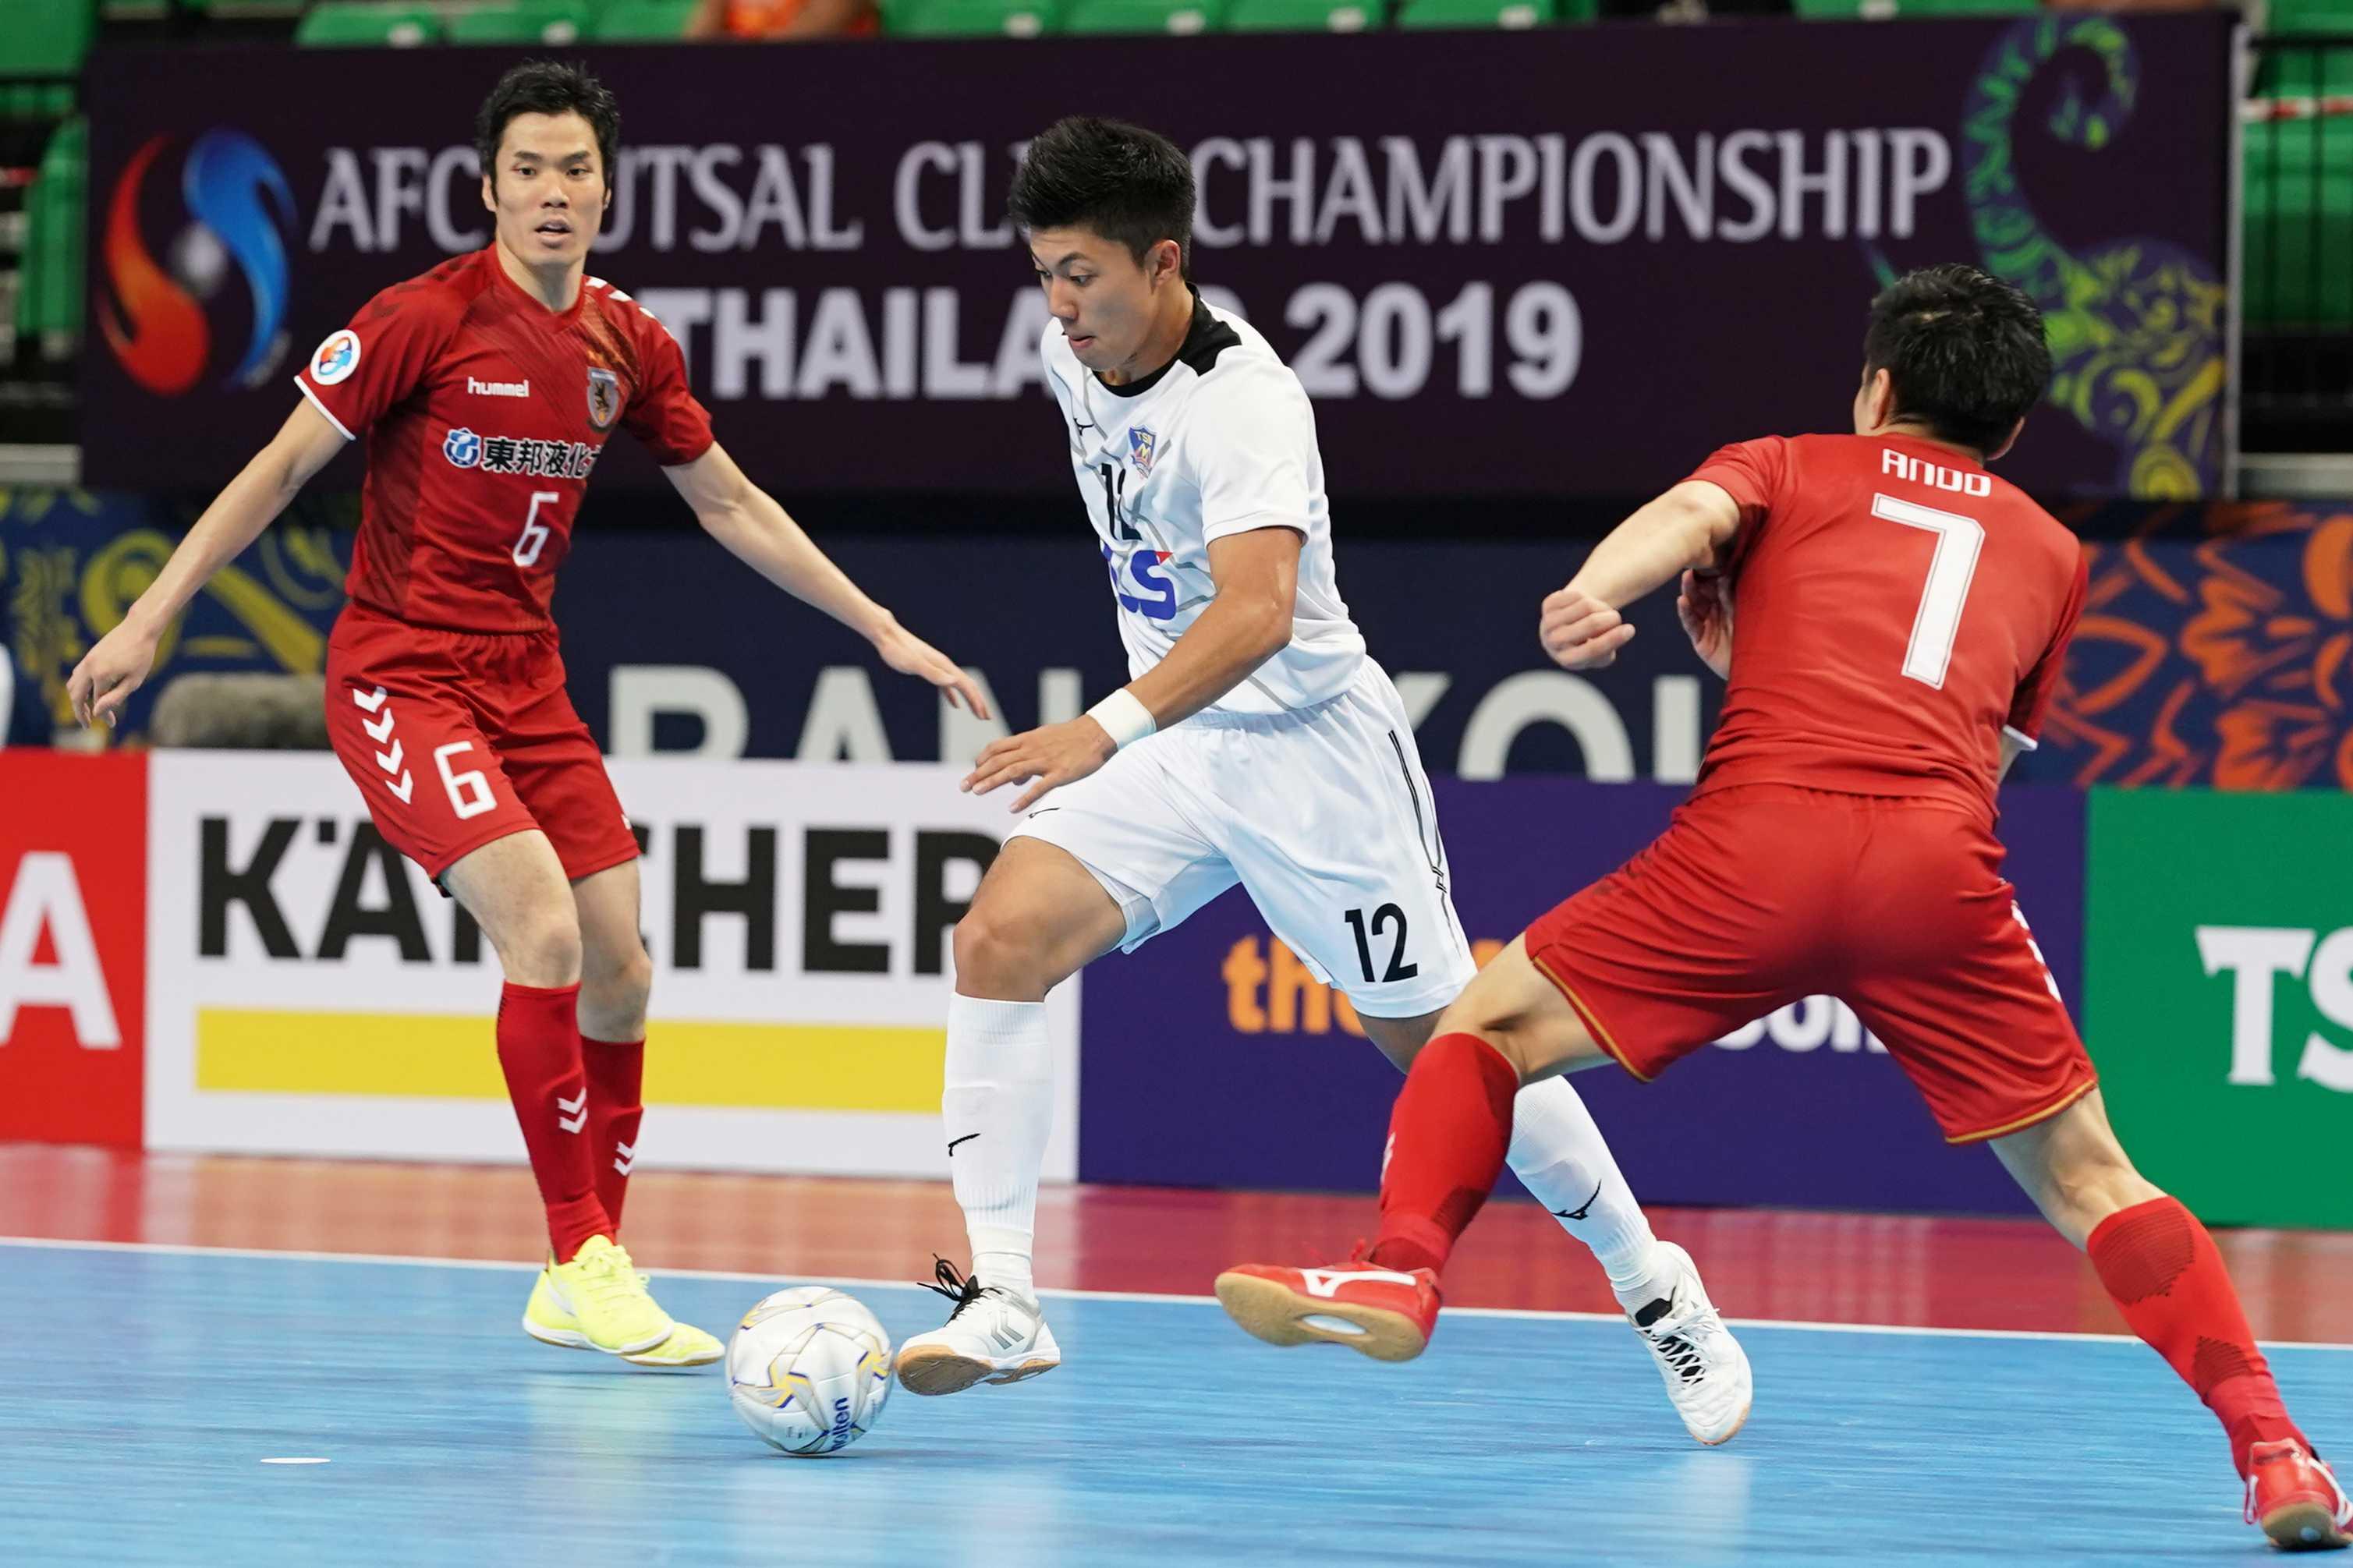 Thua Nagoya Oceans 1-3, Thái Sơn Nam tranh hạng ba tại Giải futsal CLB châu Á 2019